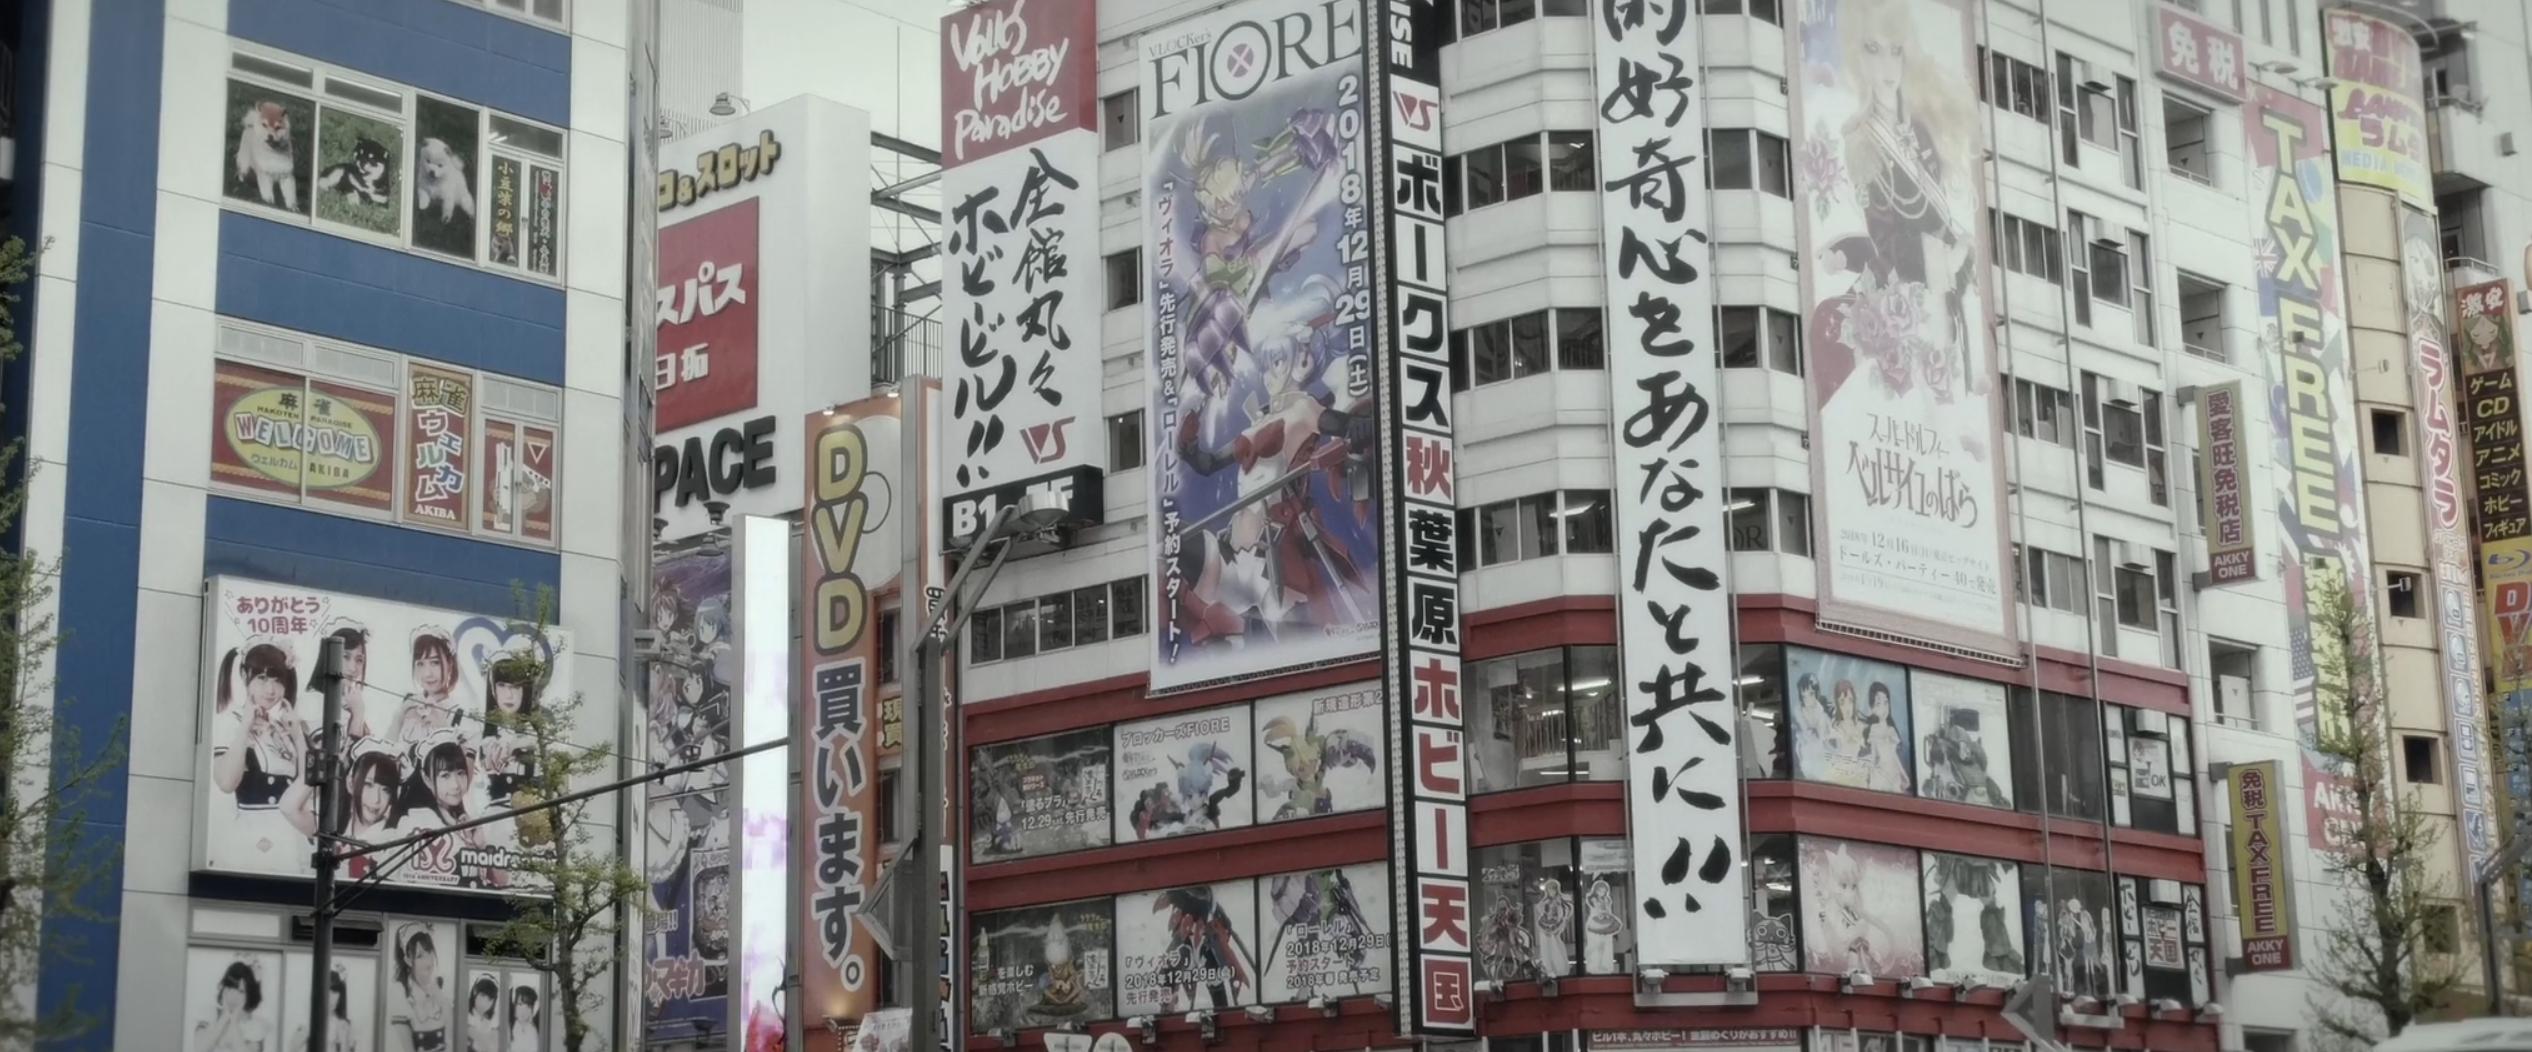 Ce film de 4 minutes propose un voyage express au Japon, entre tradition et modernité ! By Thomas R. Court-metrage-beaute-japon-9